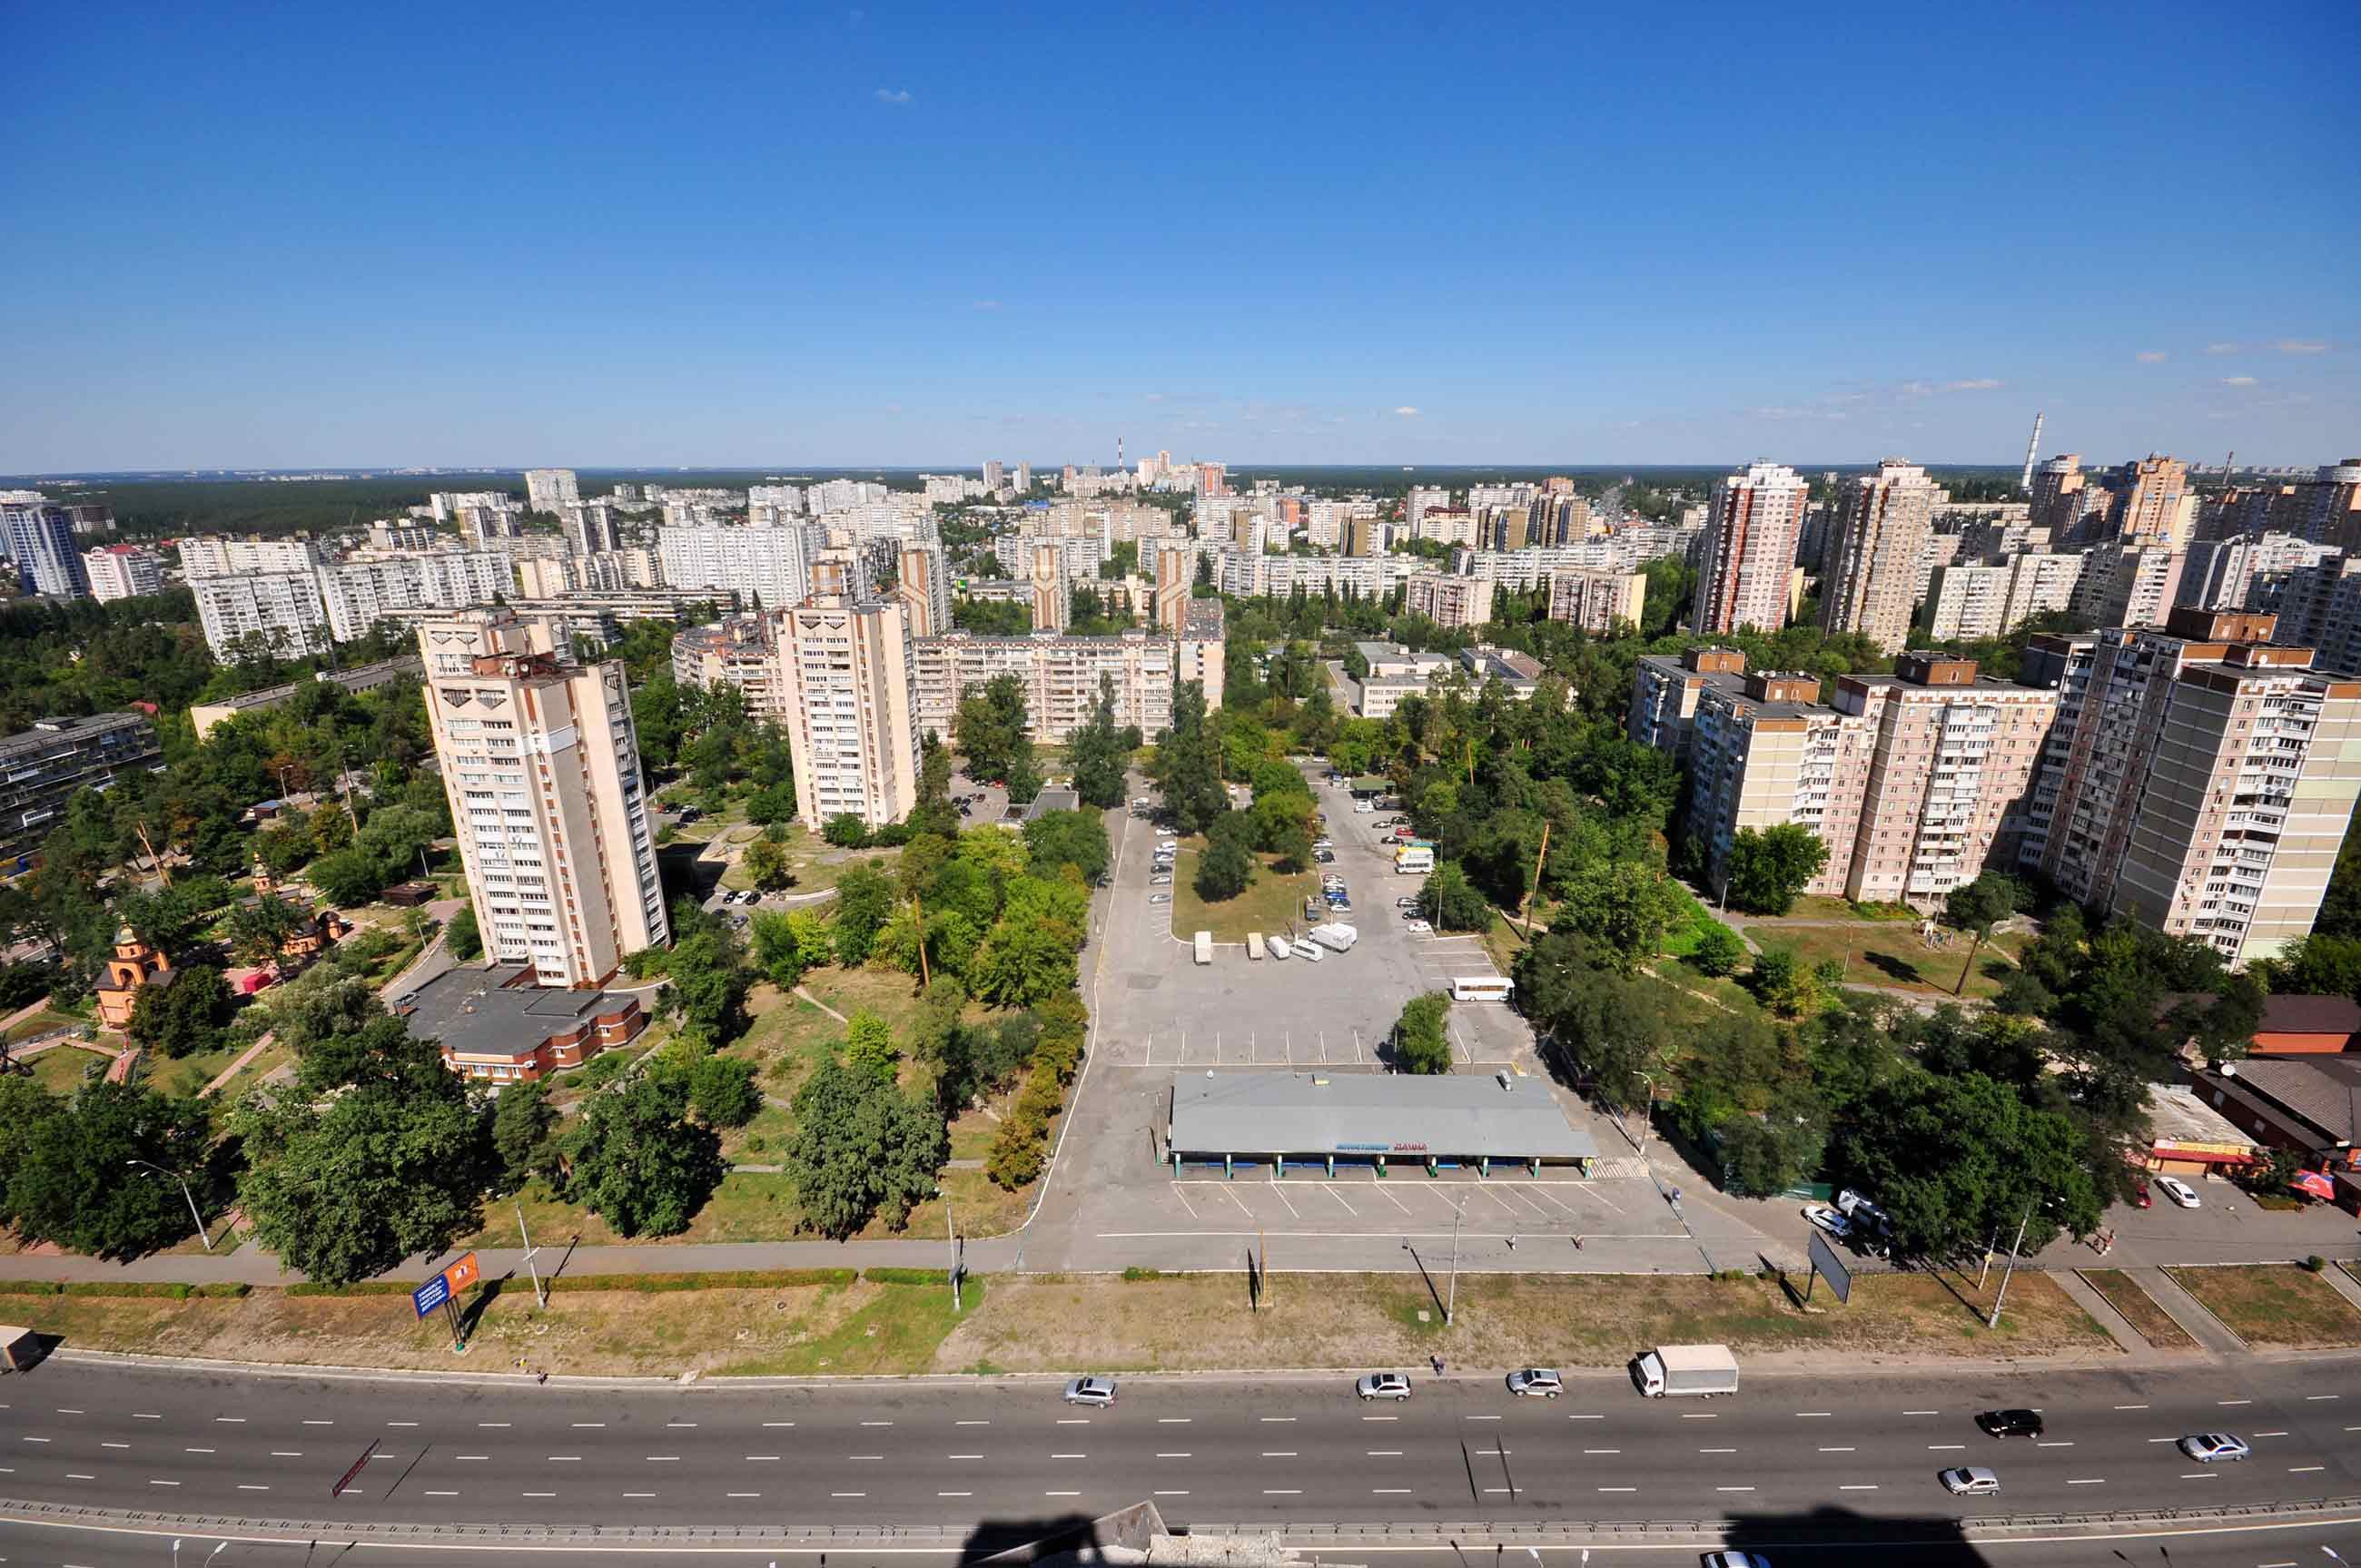 belichi 01 - <b>Заради масового житла в Києві знищили десятки поселень.</b> Розповідаємо, як це було - Заборона